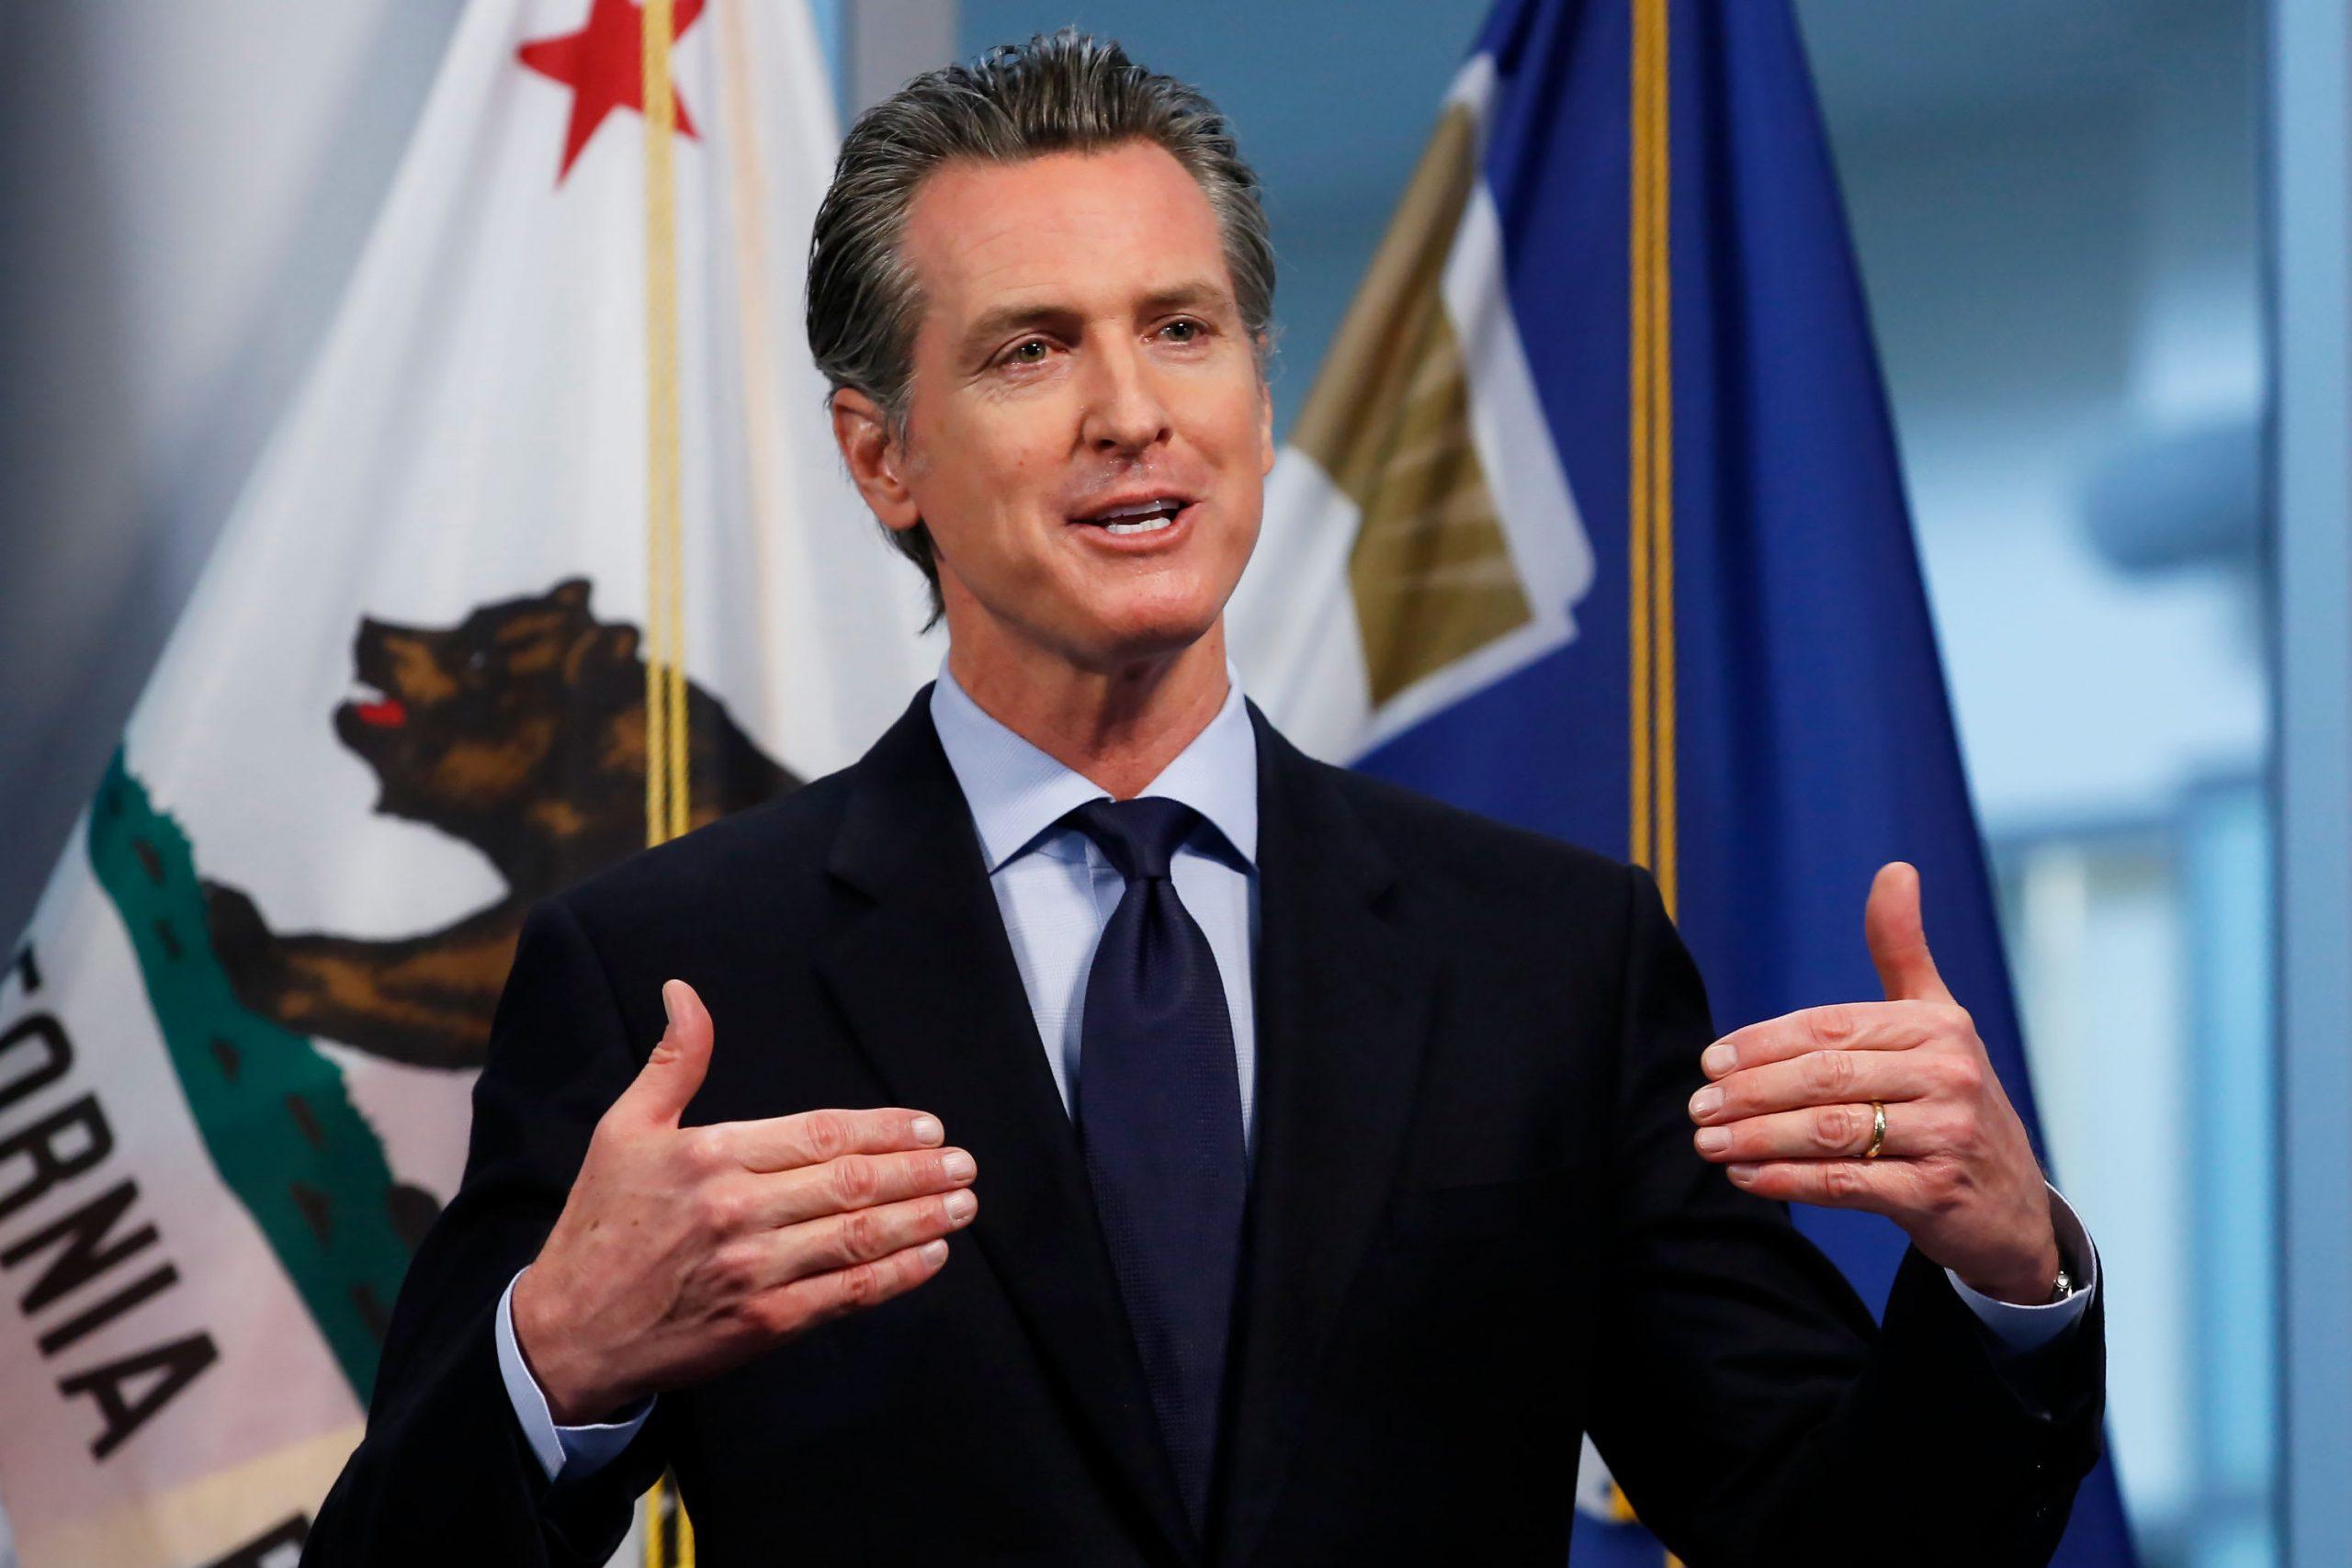 حاكم كاليفورنيا يسمح بالاقتراع بالبريد لجميع مواطني الولاية في انتخابات نوفمبر